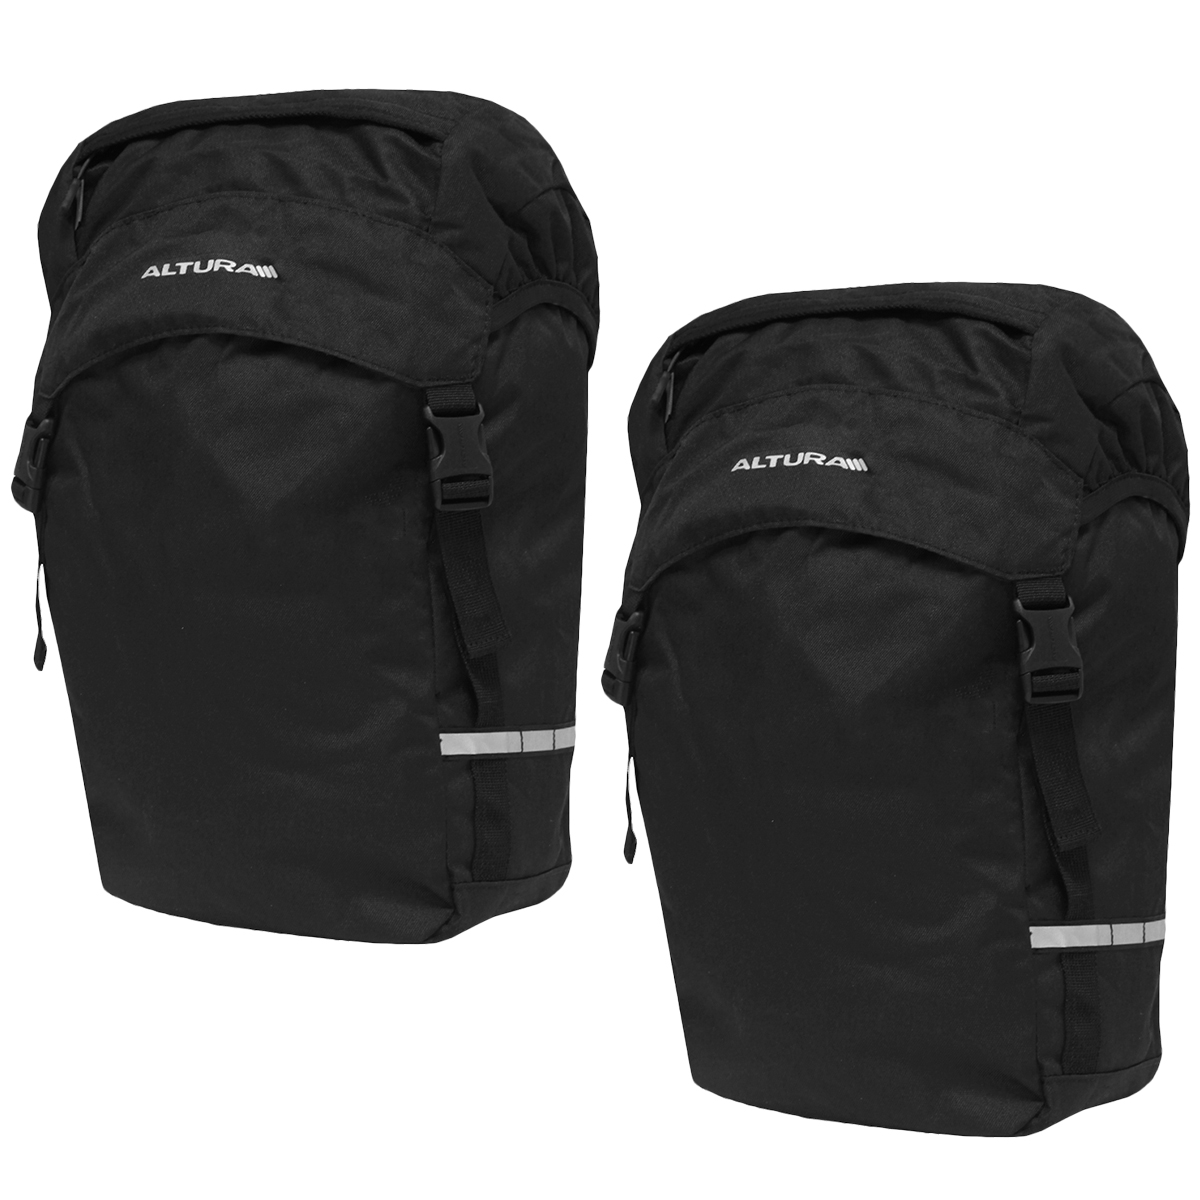 Altura Tour 36 Pannier Bags - Pair